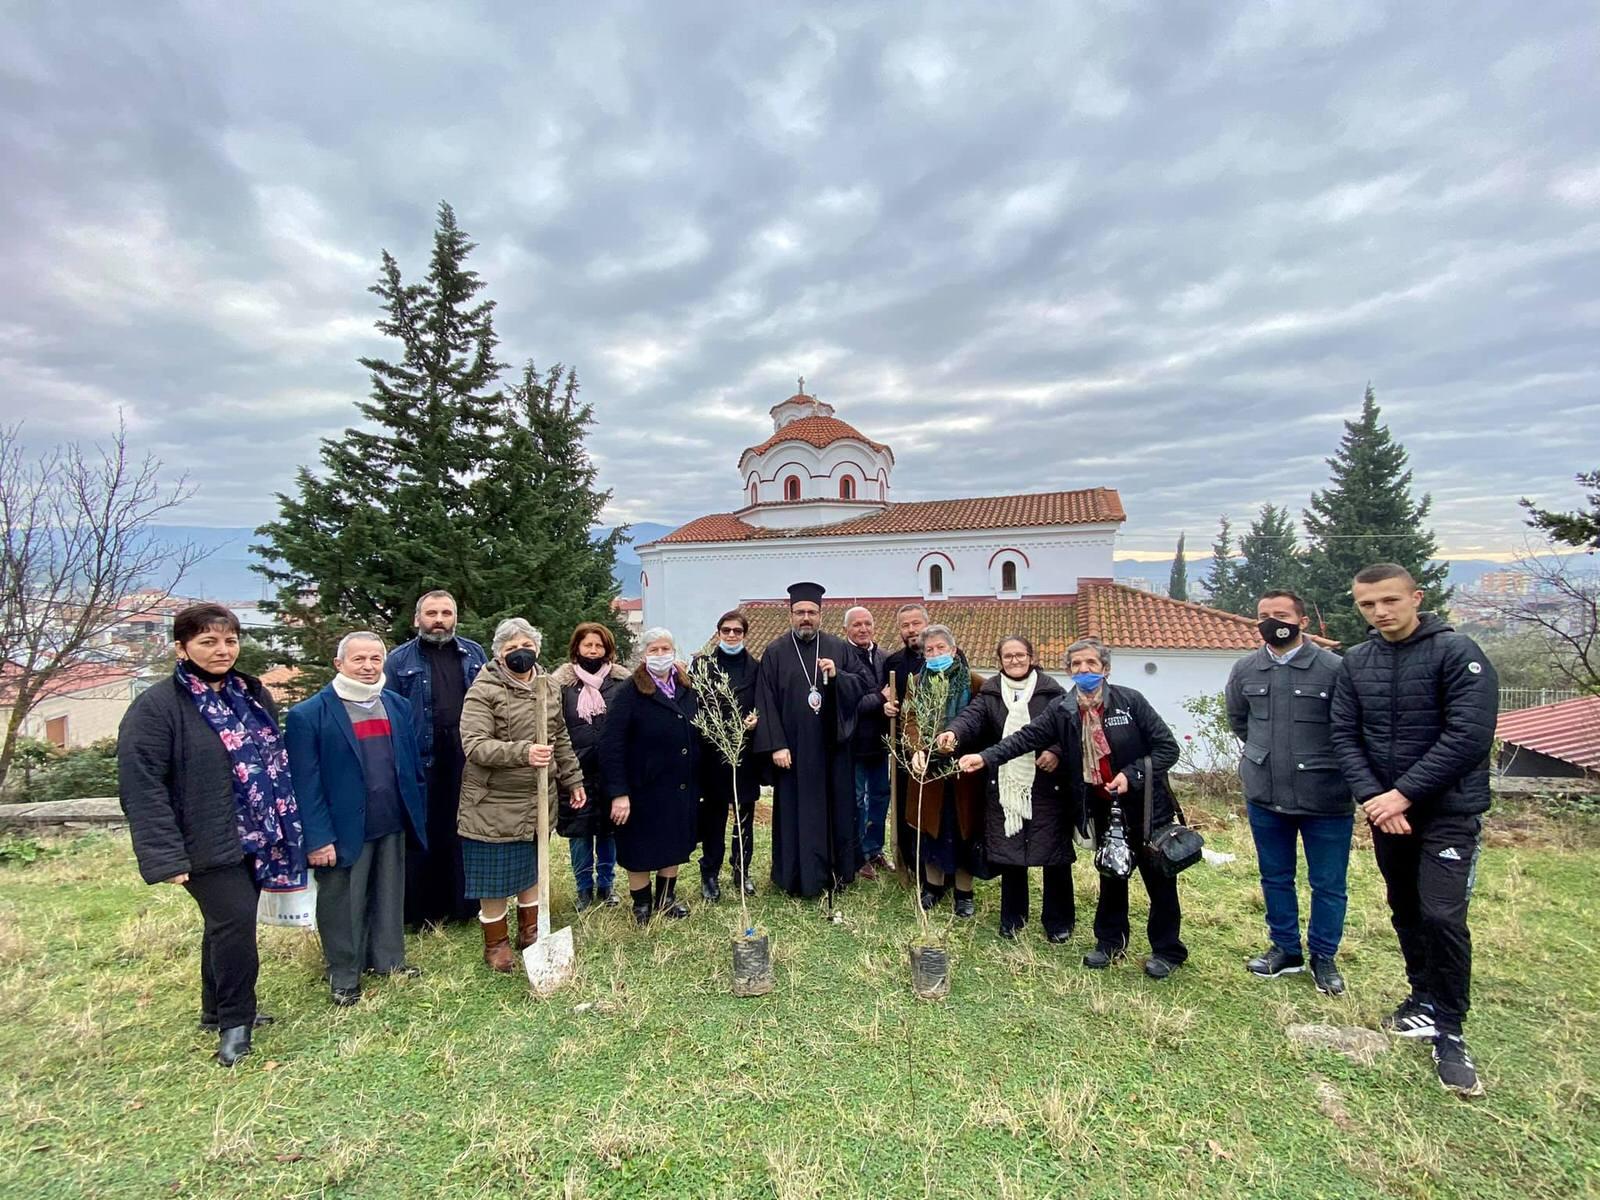 Μητρόπολη Ελμπασάν Δενδροφύτευση Αλβανία Χριστούγεννα 2020